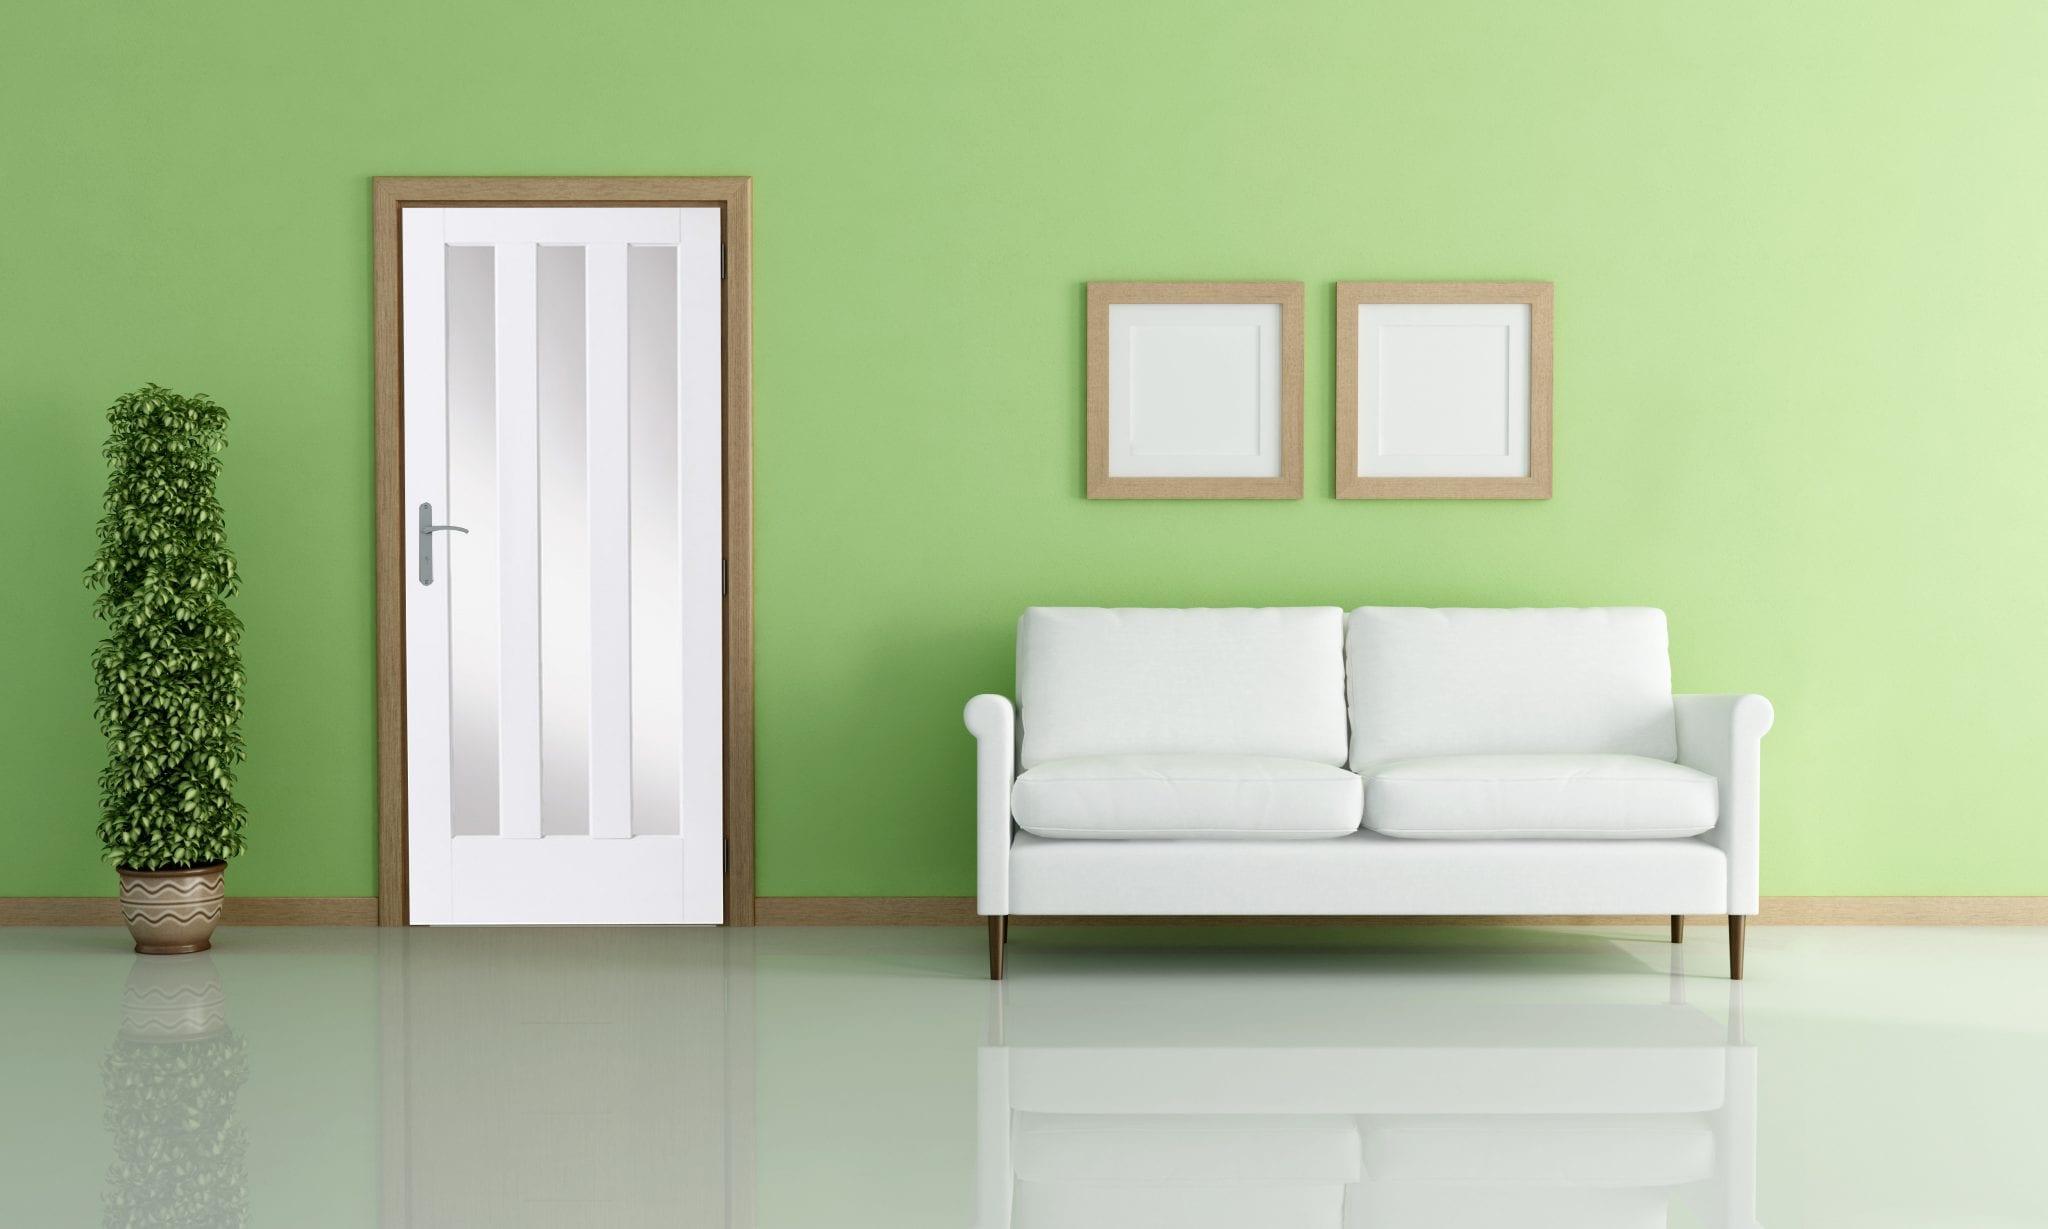 White Primed Aston Frosted Glass Door Amp Frame Kit Green